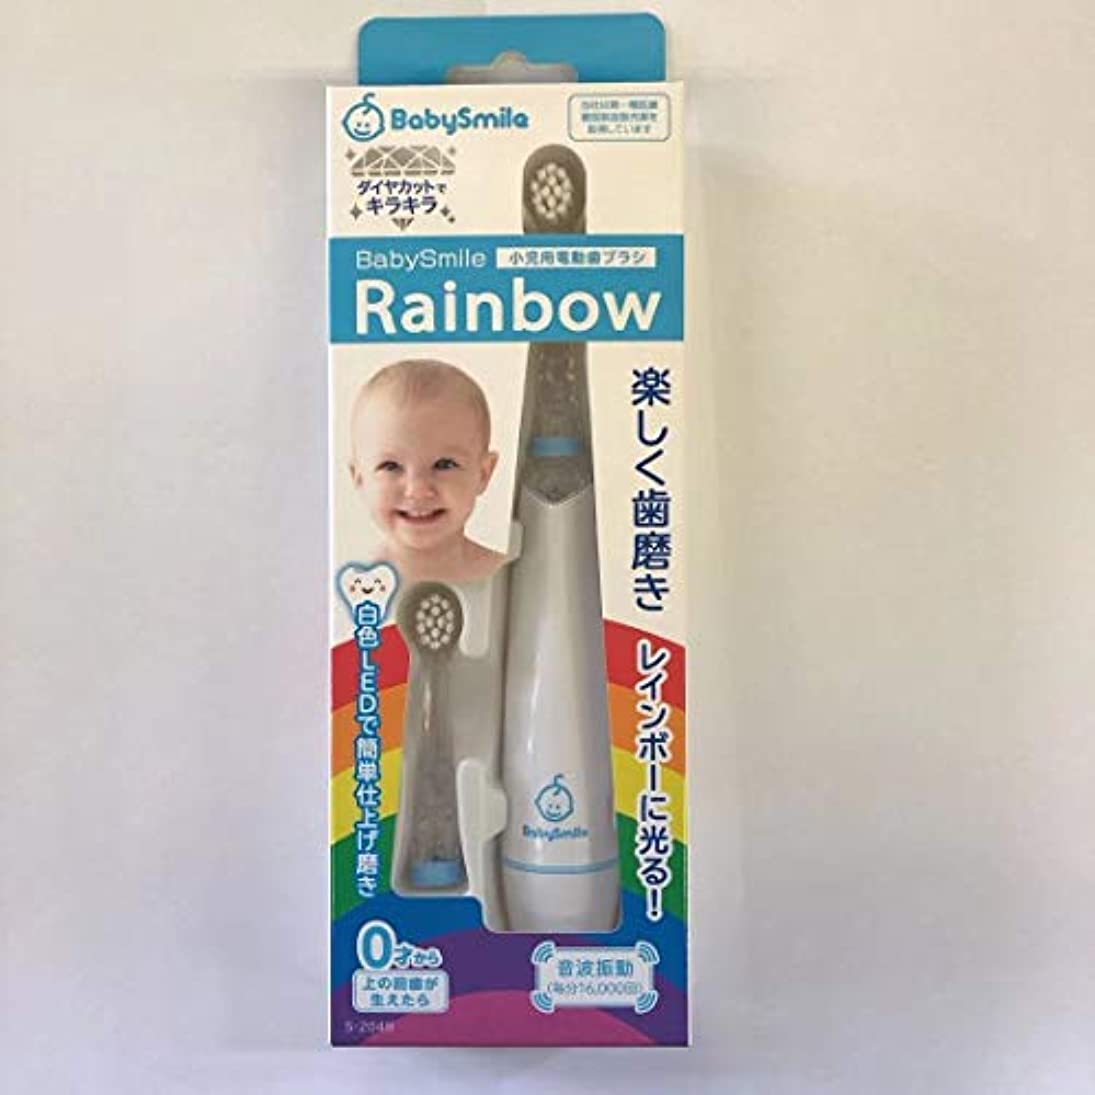 ベアリングクレジットアサートこども用電動歯ブラシ ベビースマイルレインボー S-204 (ブルー)